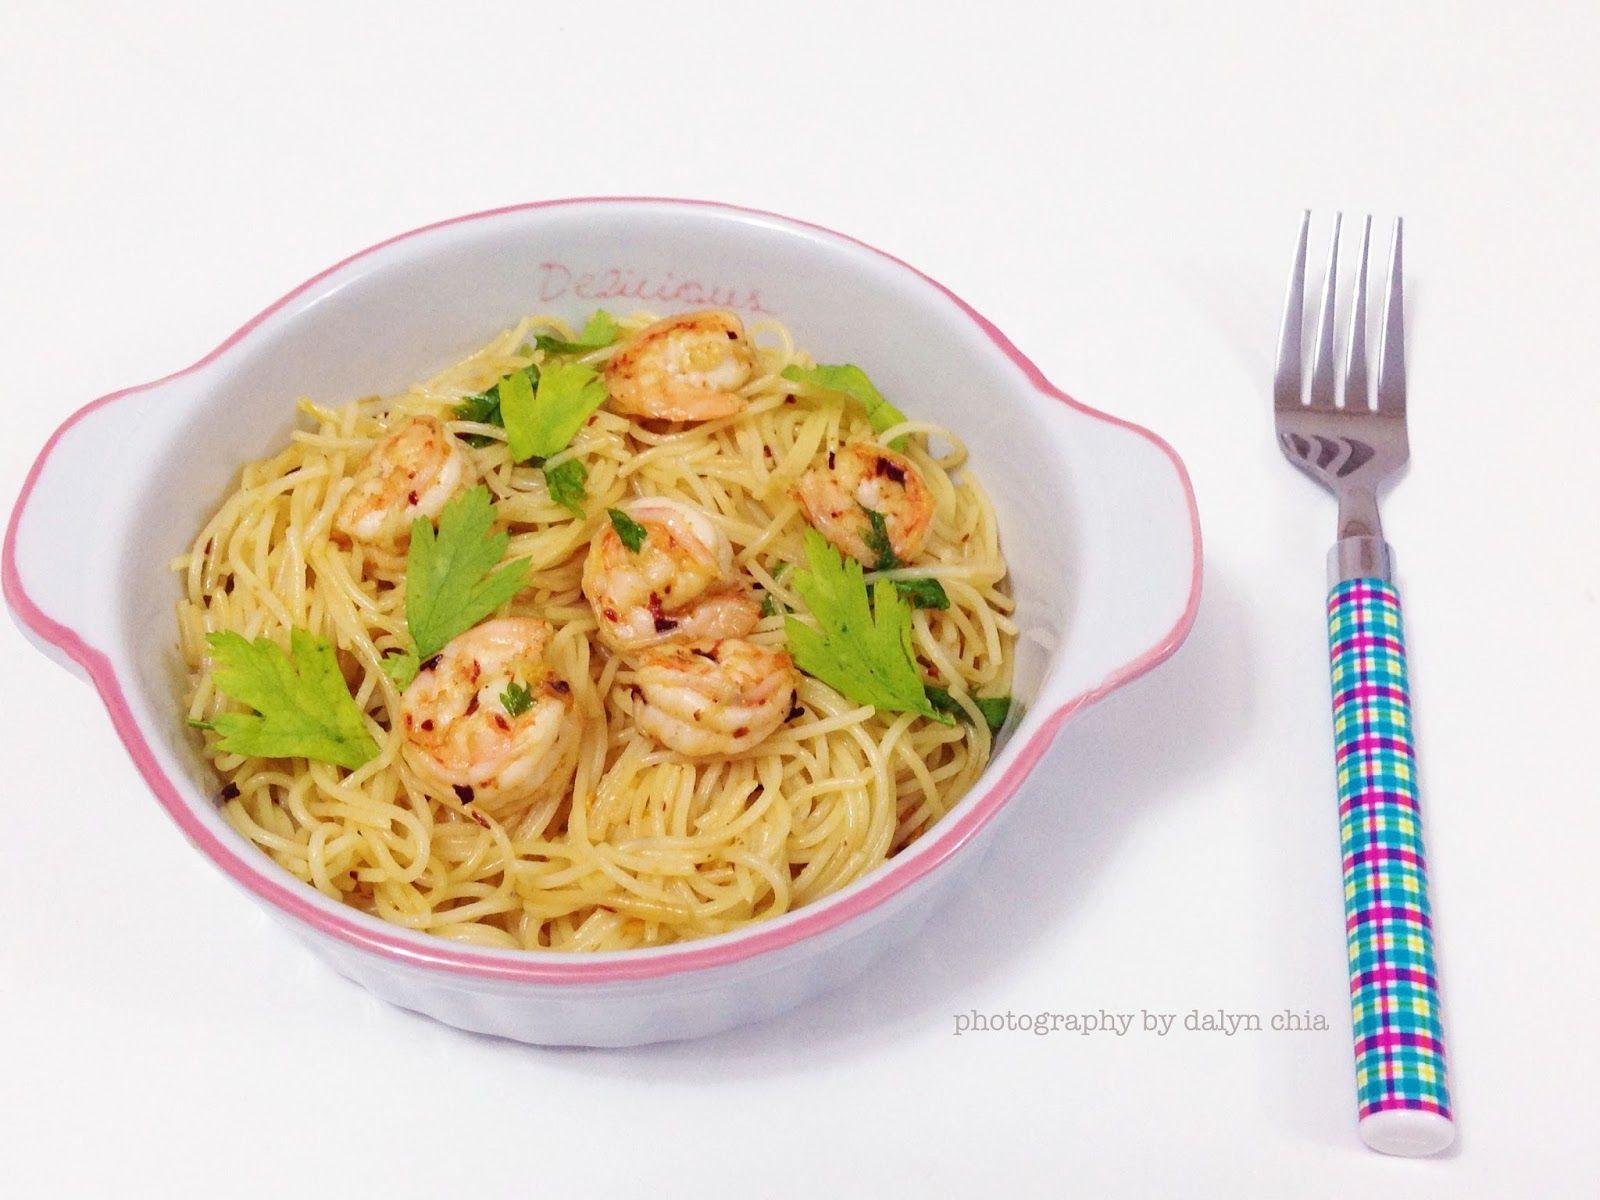 Donna Hay's garlic prawn pasta